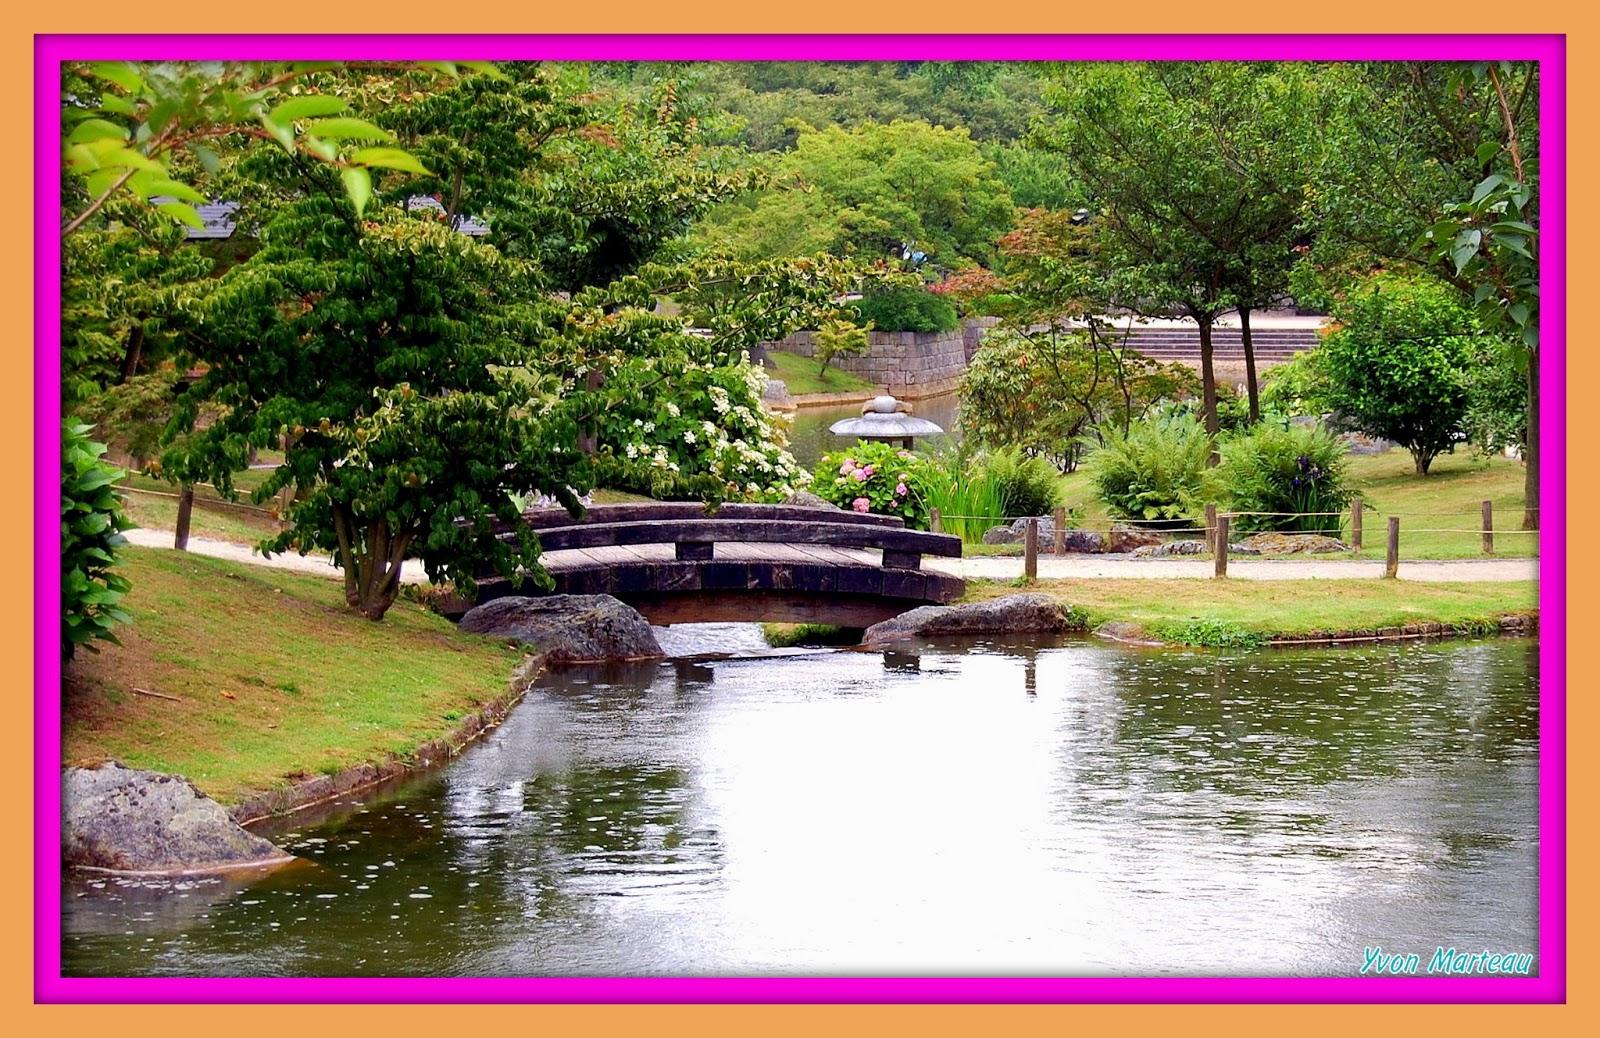 Yvon photographie hasselt jardin japonais for Jardin japonais hasselt 2016